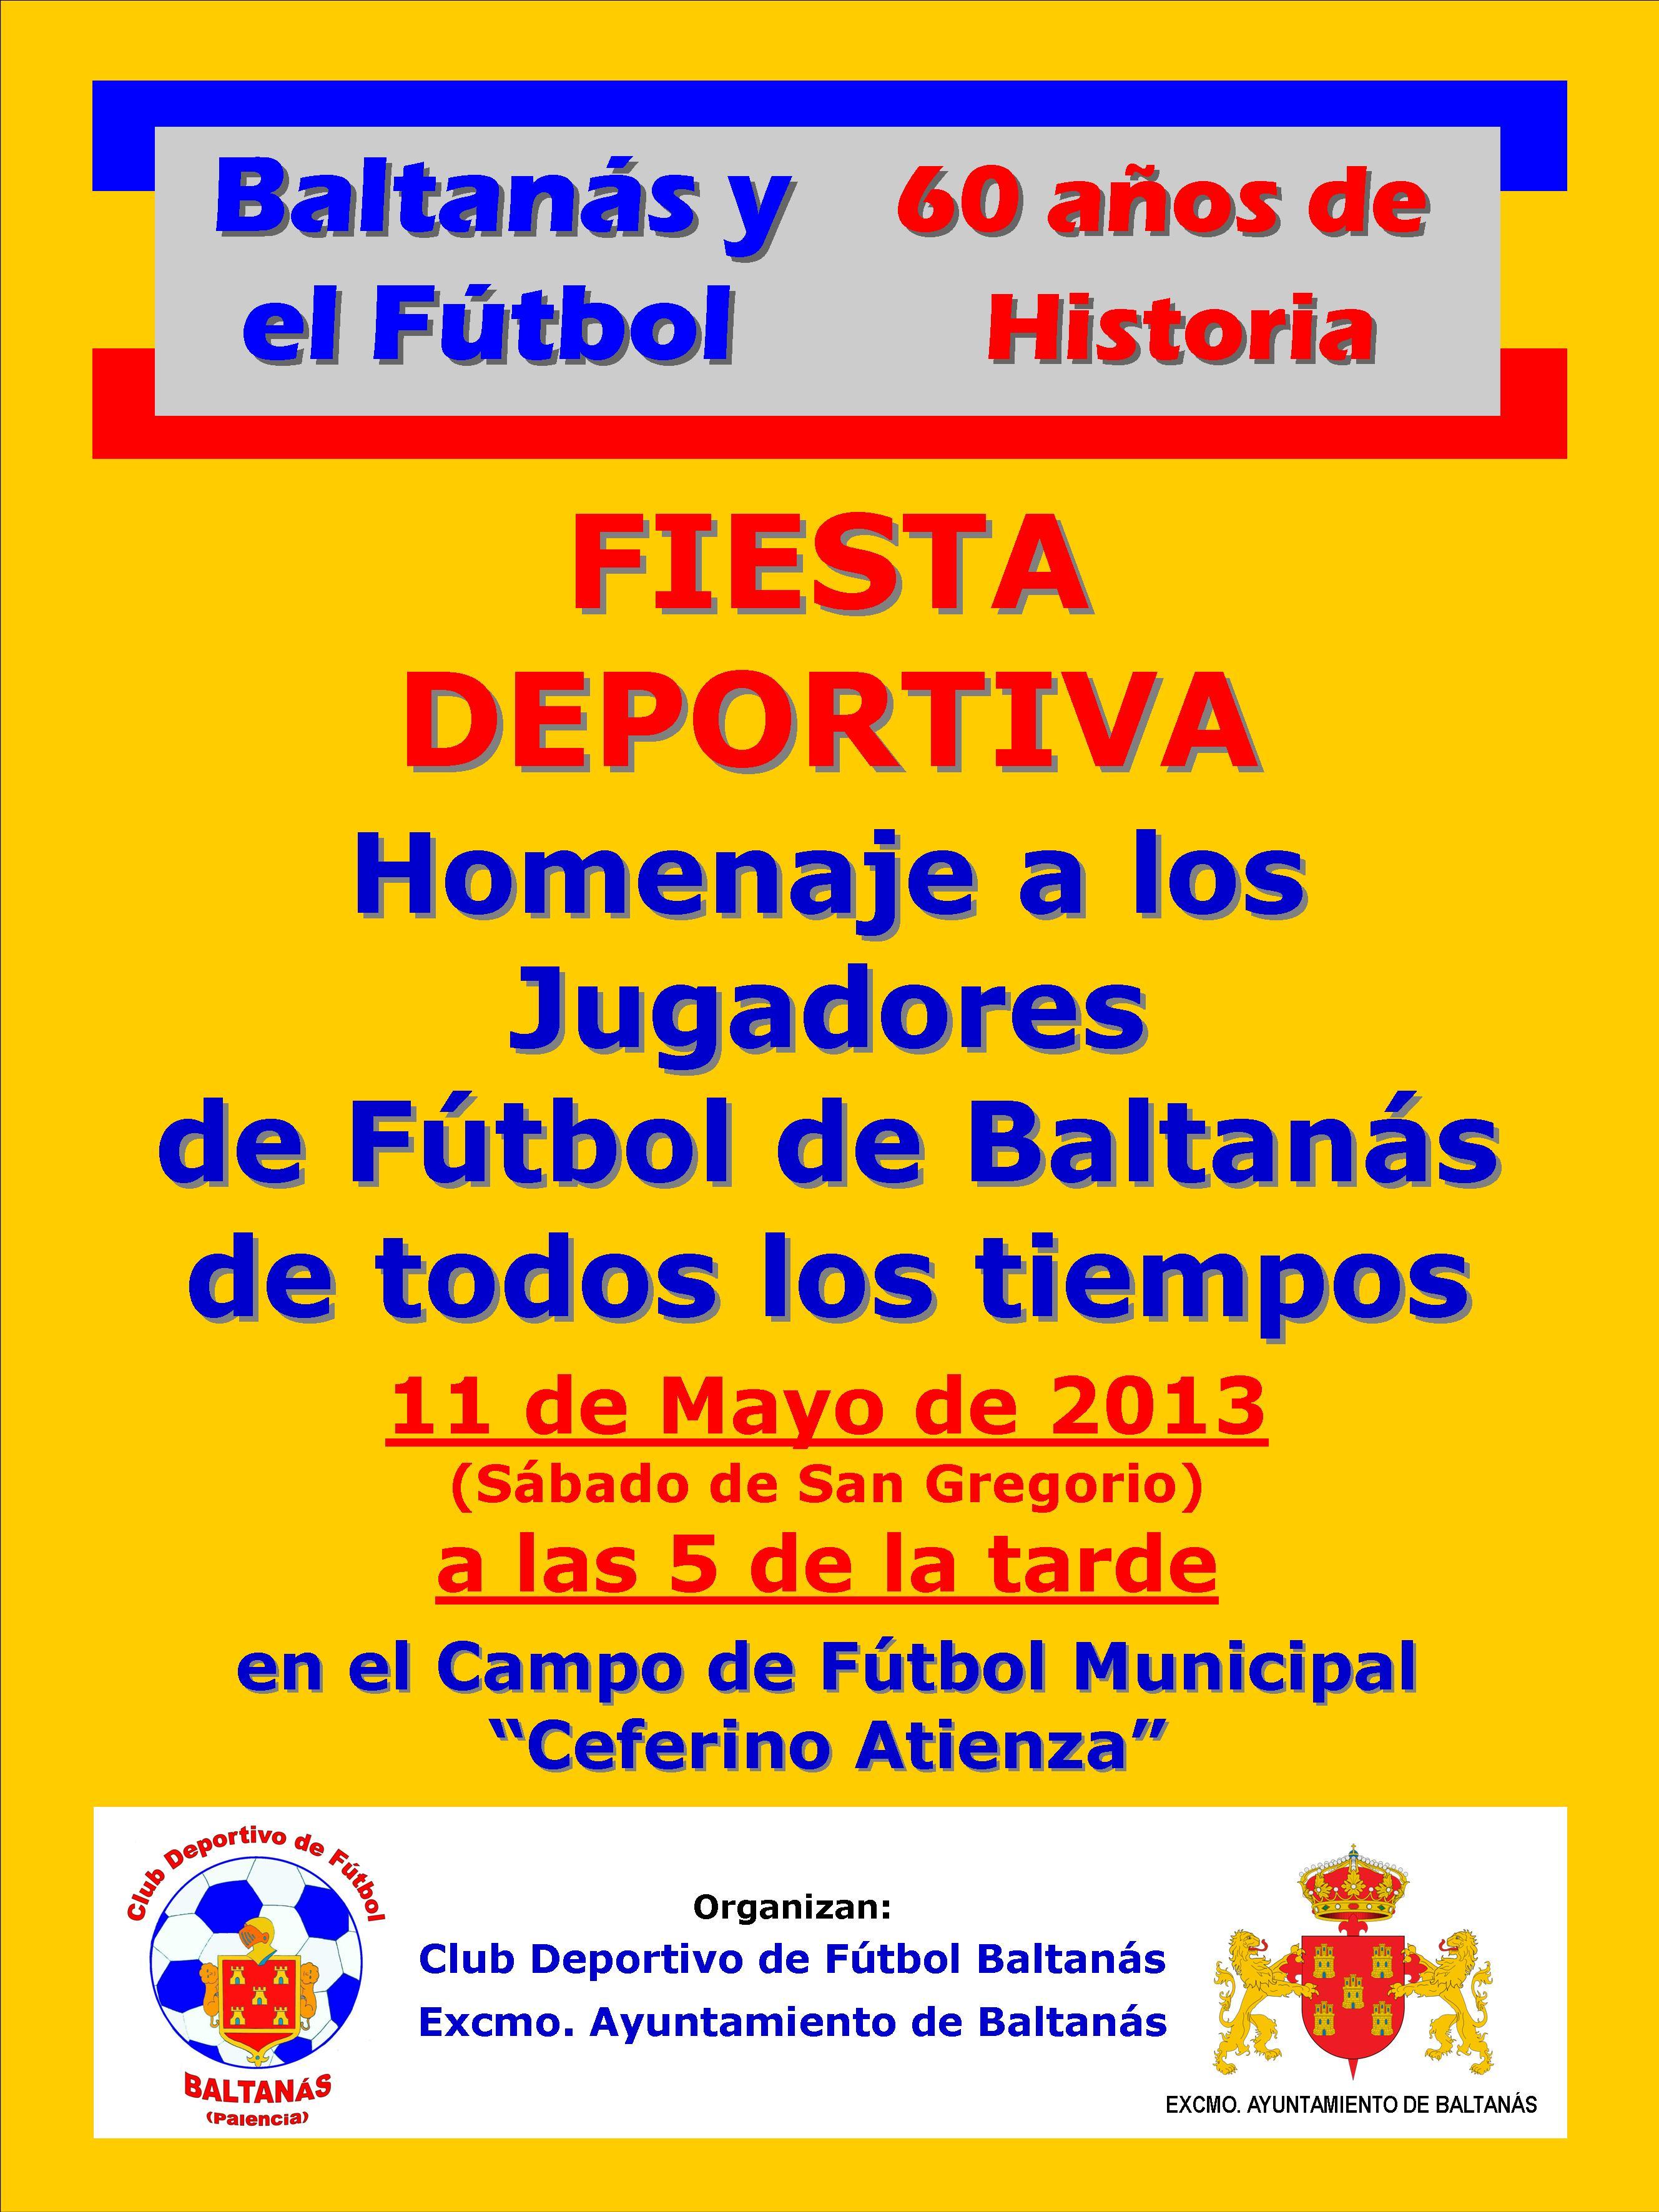 FIESTA DEPORTIVA 11 DE MAYO CLUB DEPORTIVO DE FUTBOL DE BALTANÁS